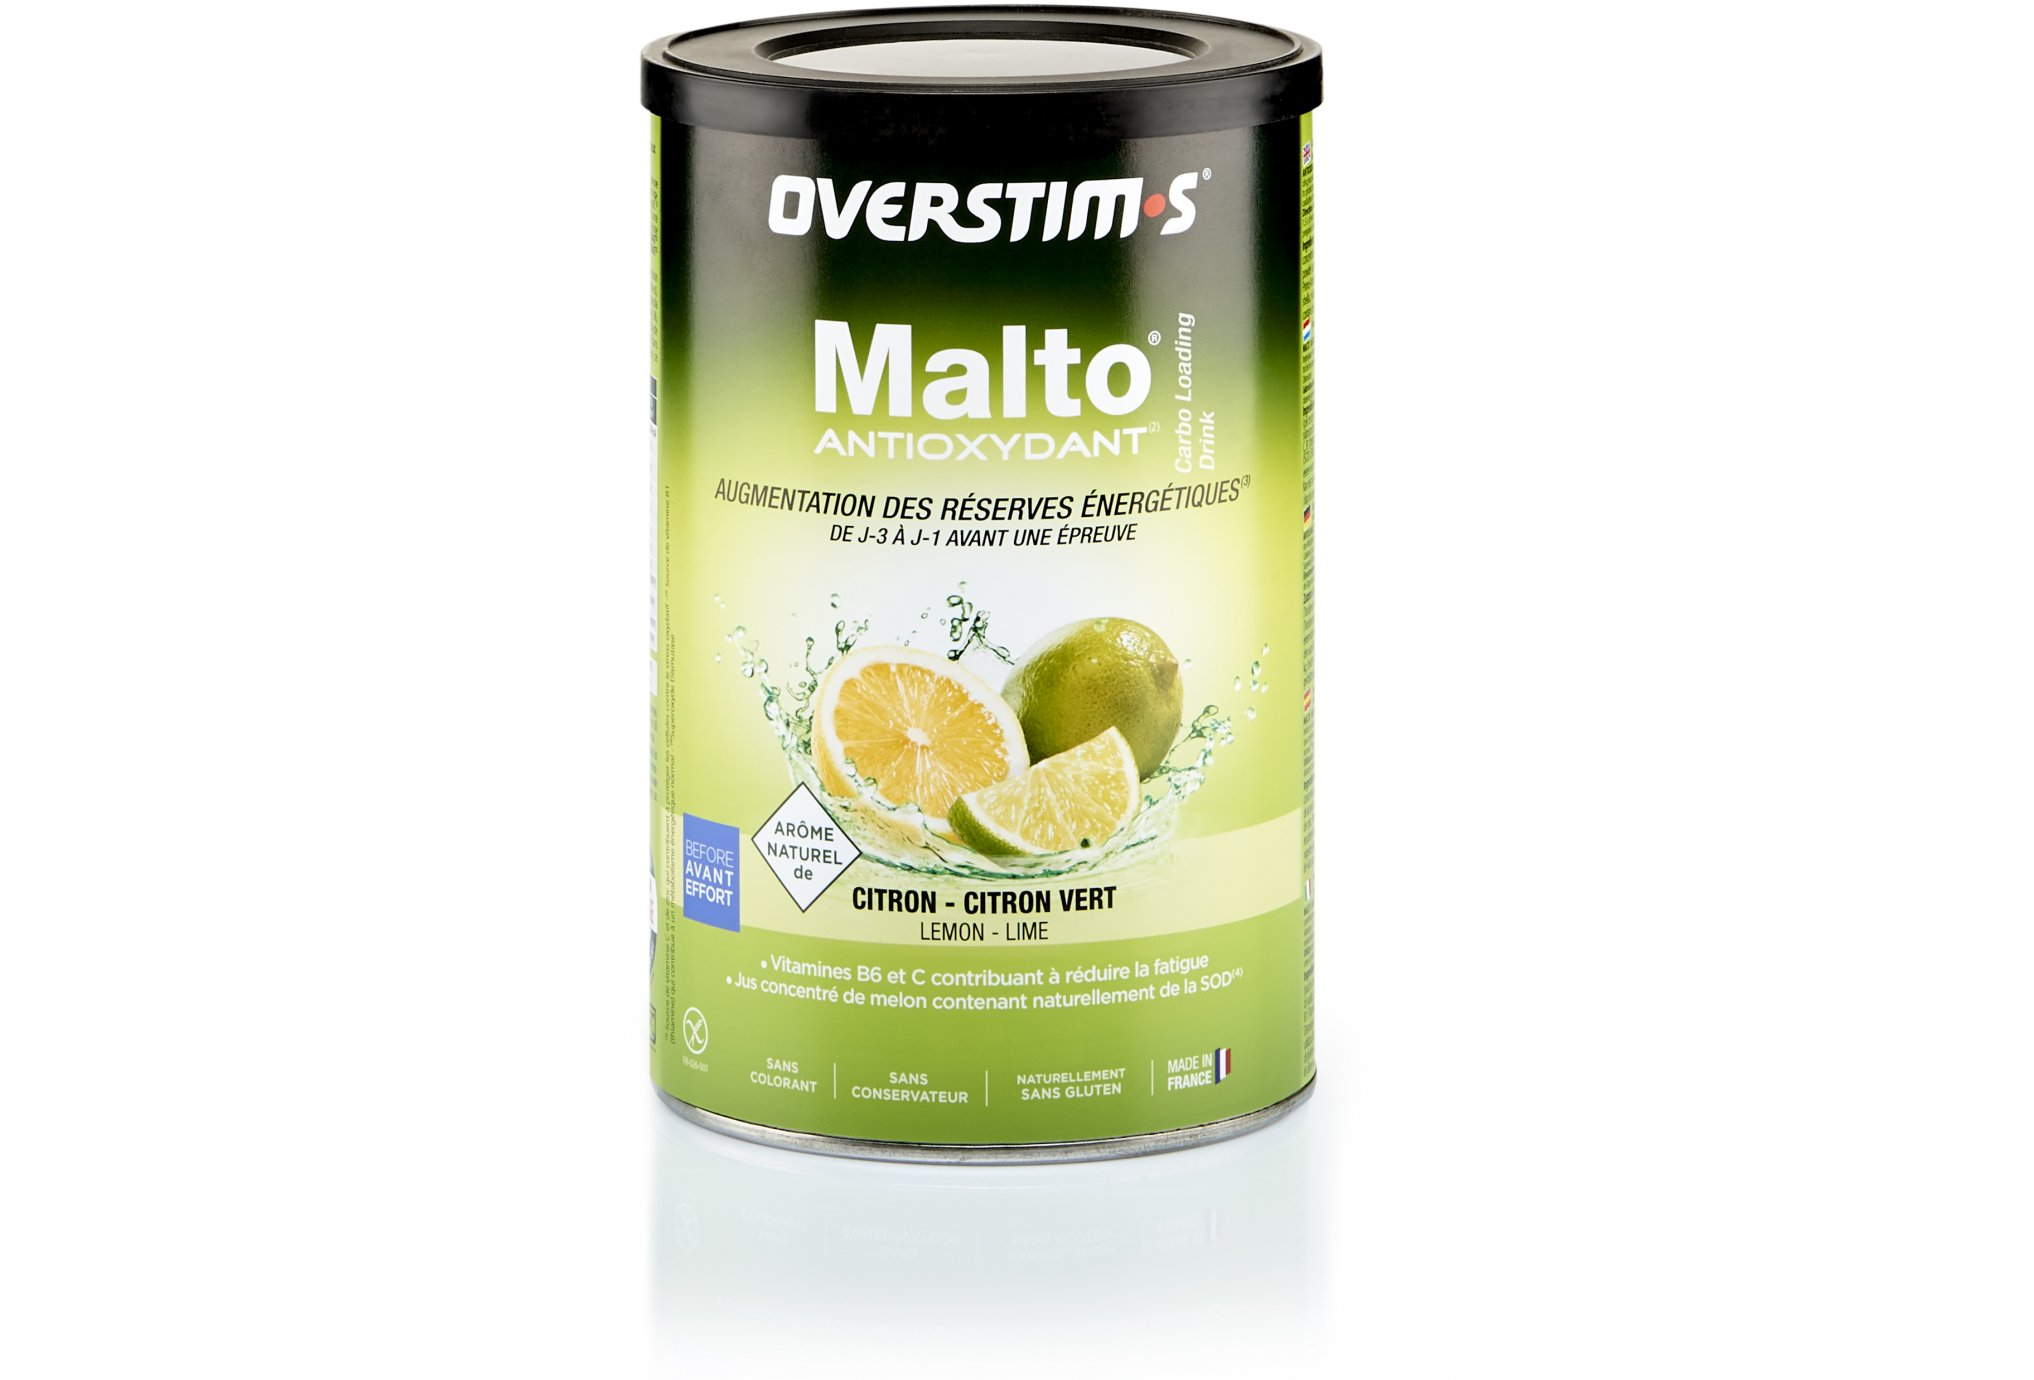 OVERSTIMS Malto Antioxydant 500 g - Citron/citron vert Diététique Préparation